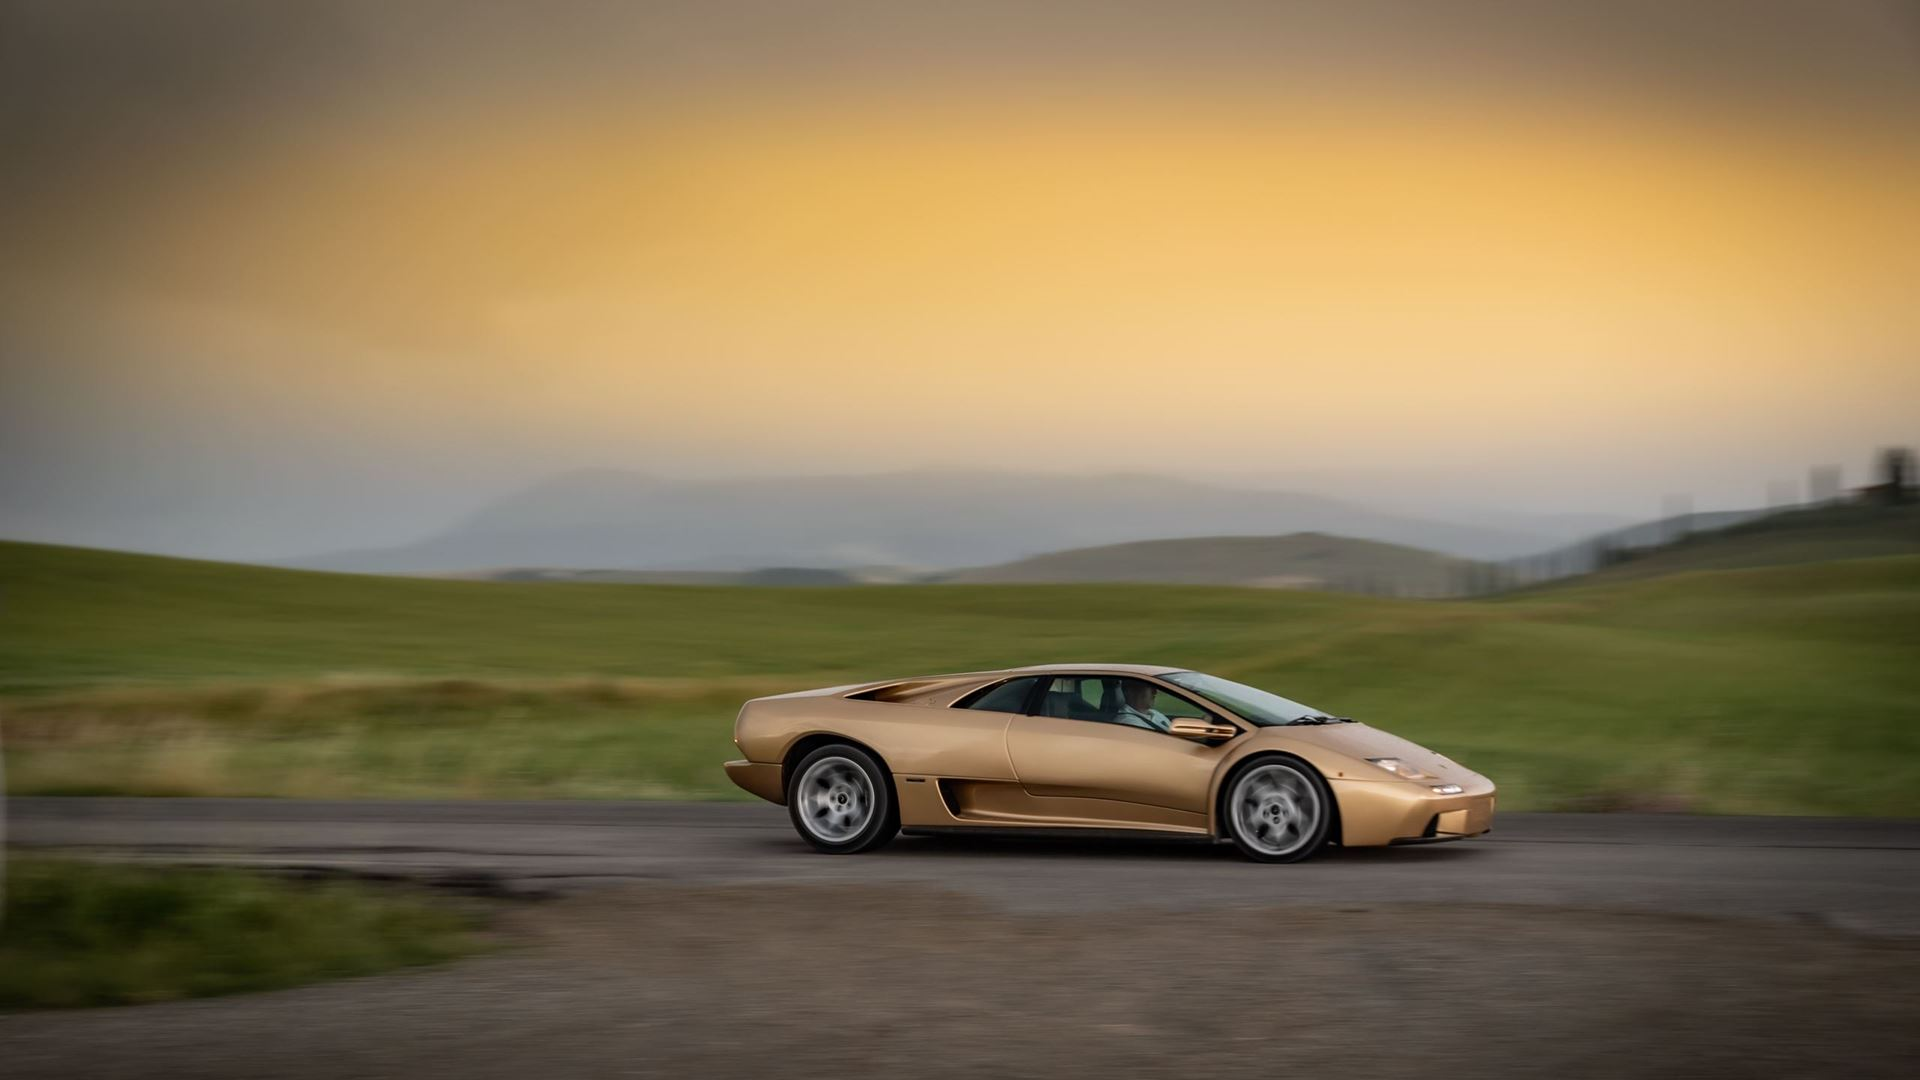 Lamborghini celebrates the 30th Anniversary of the Diablo - Image 3